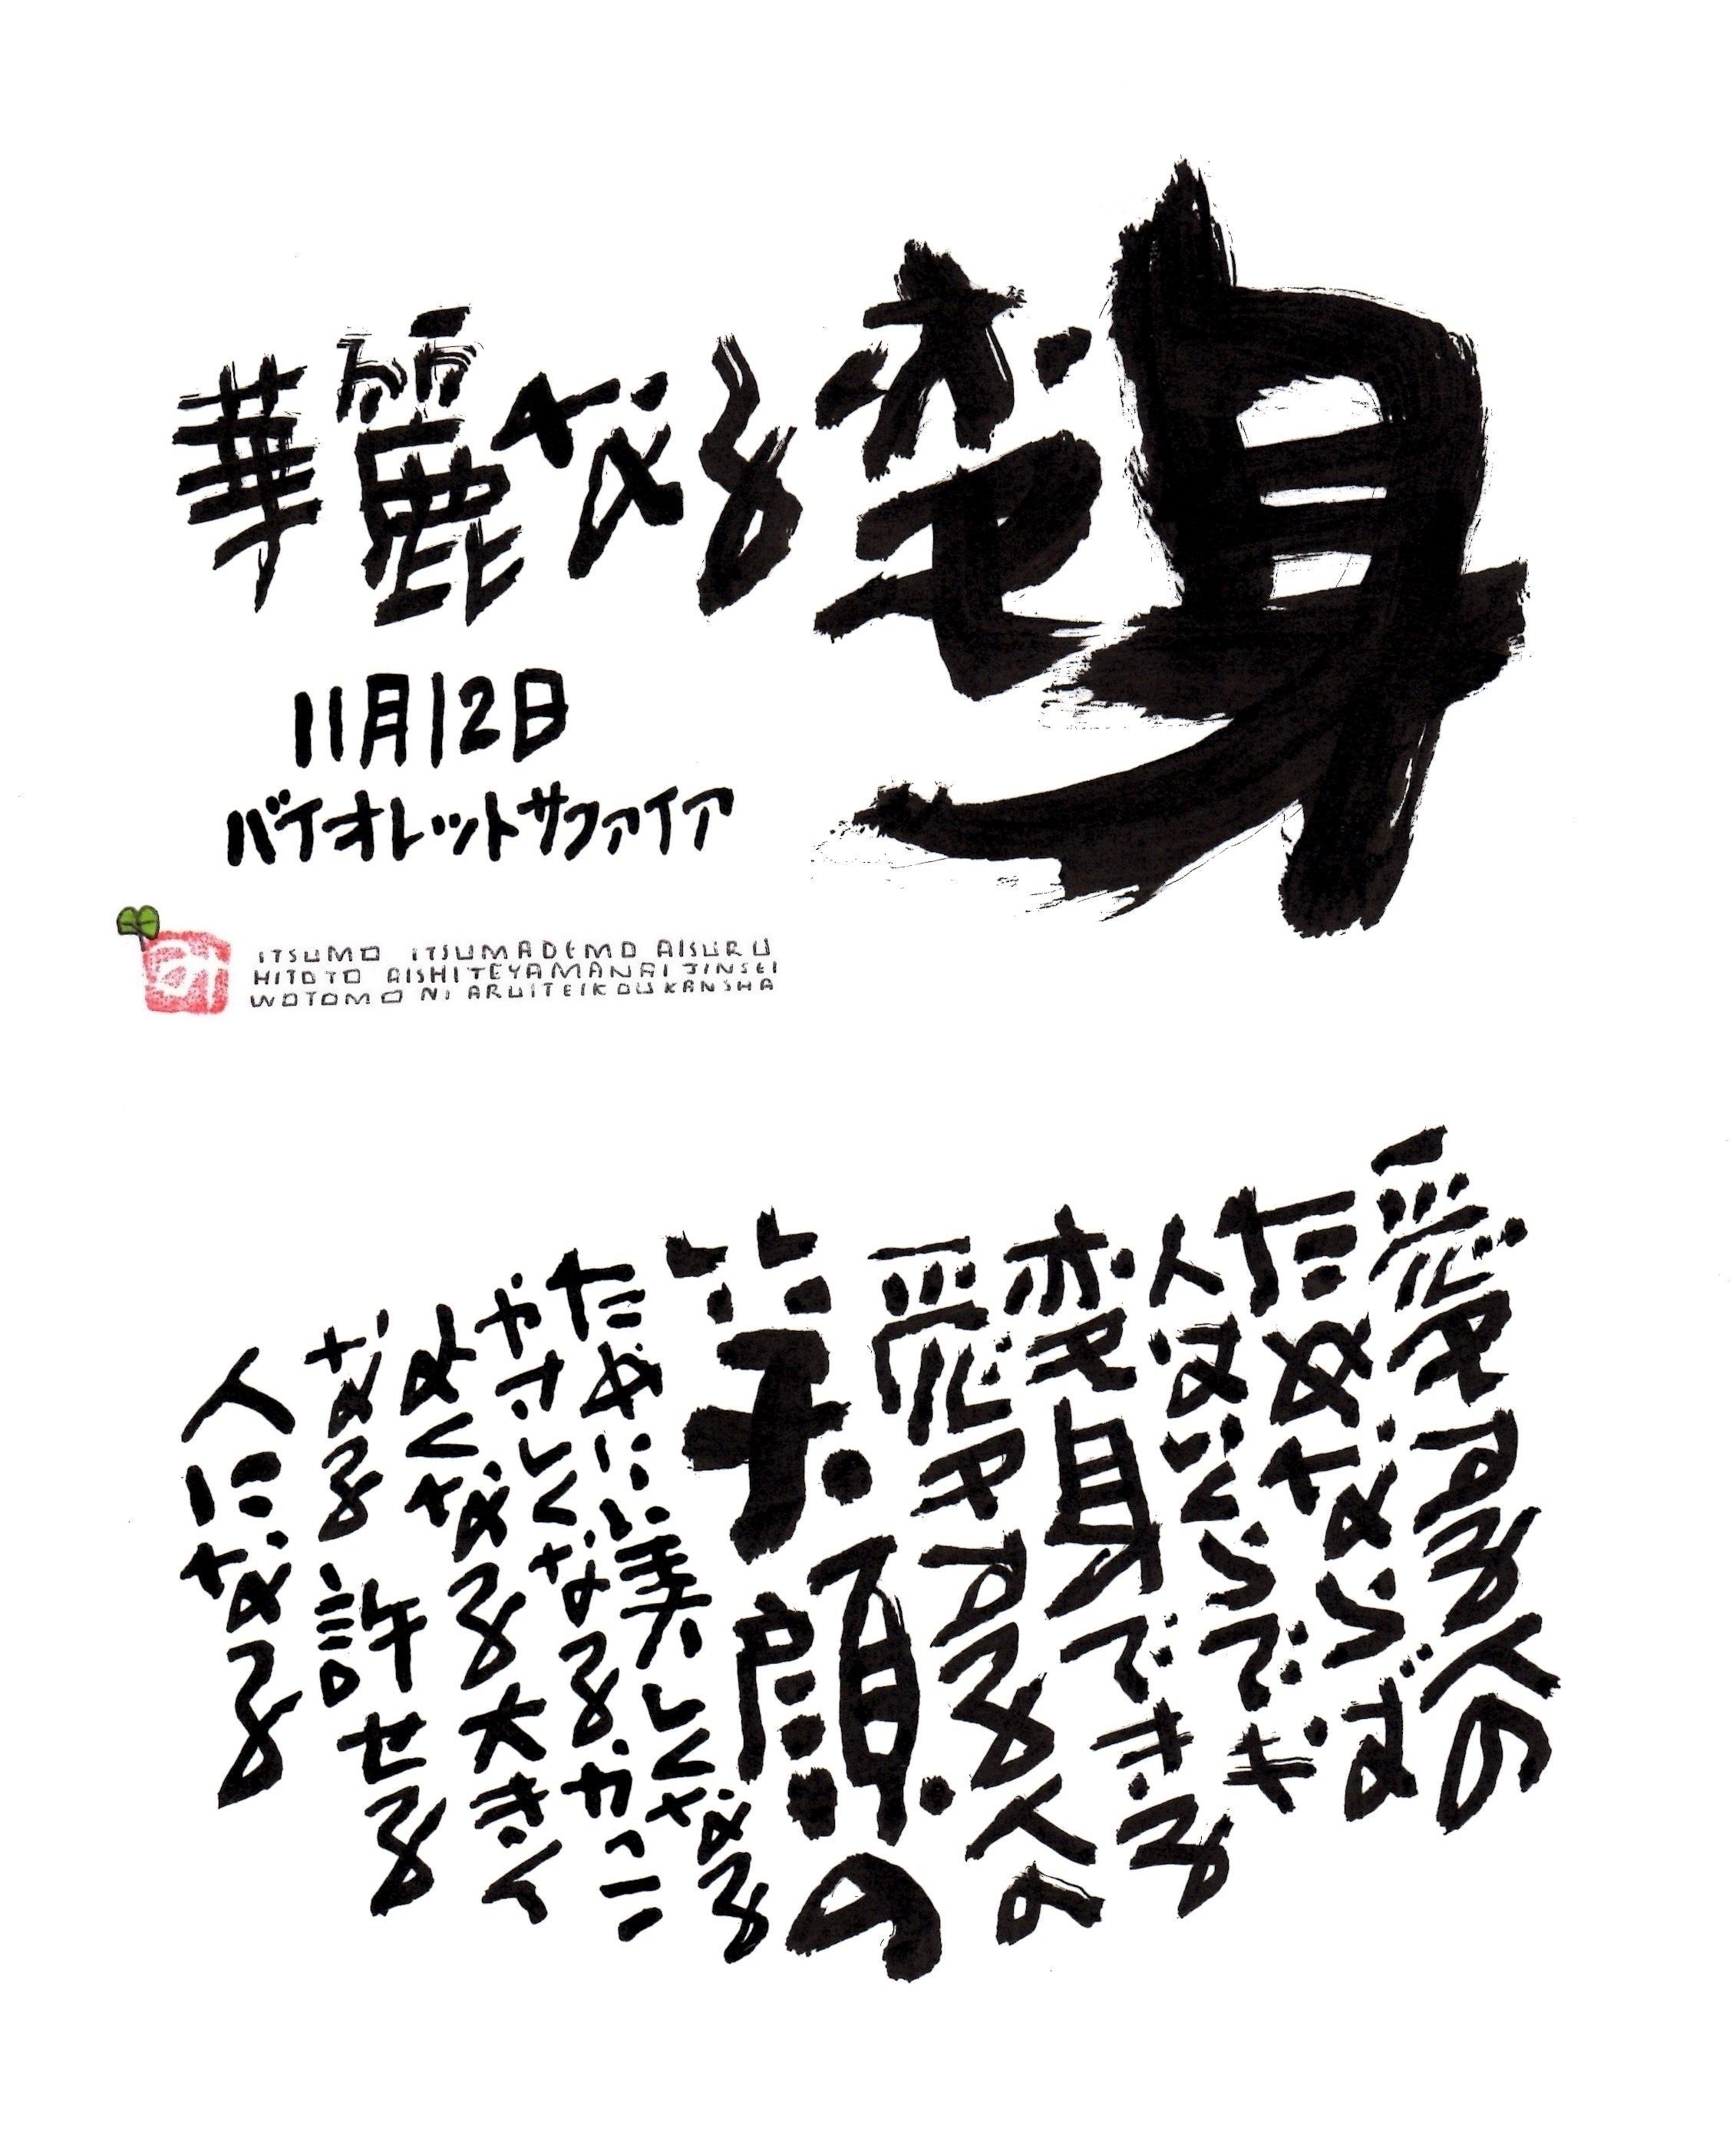 11月12日 結婚記念日ポストカード【華麗なる変身】